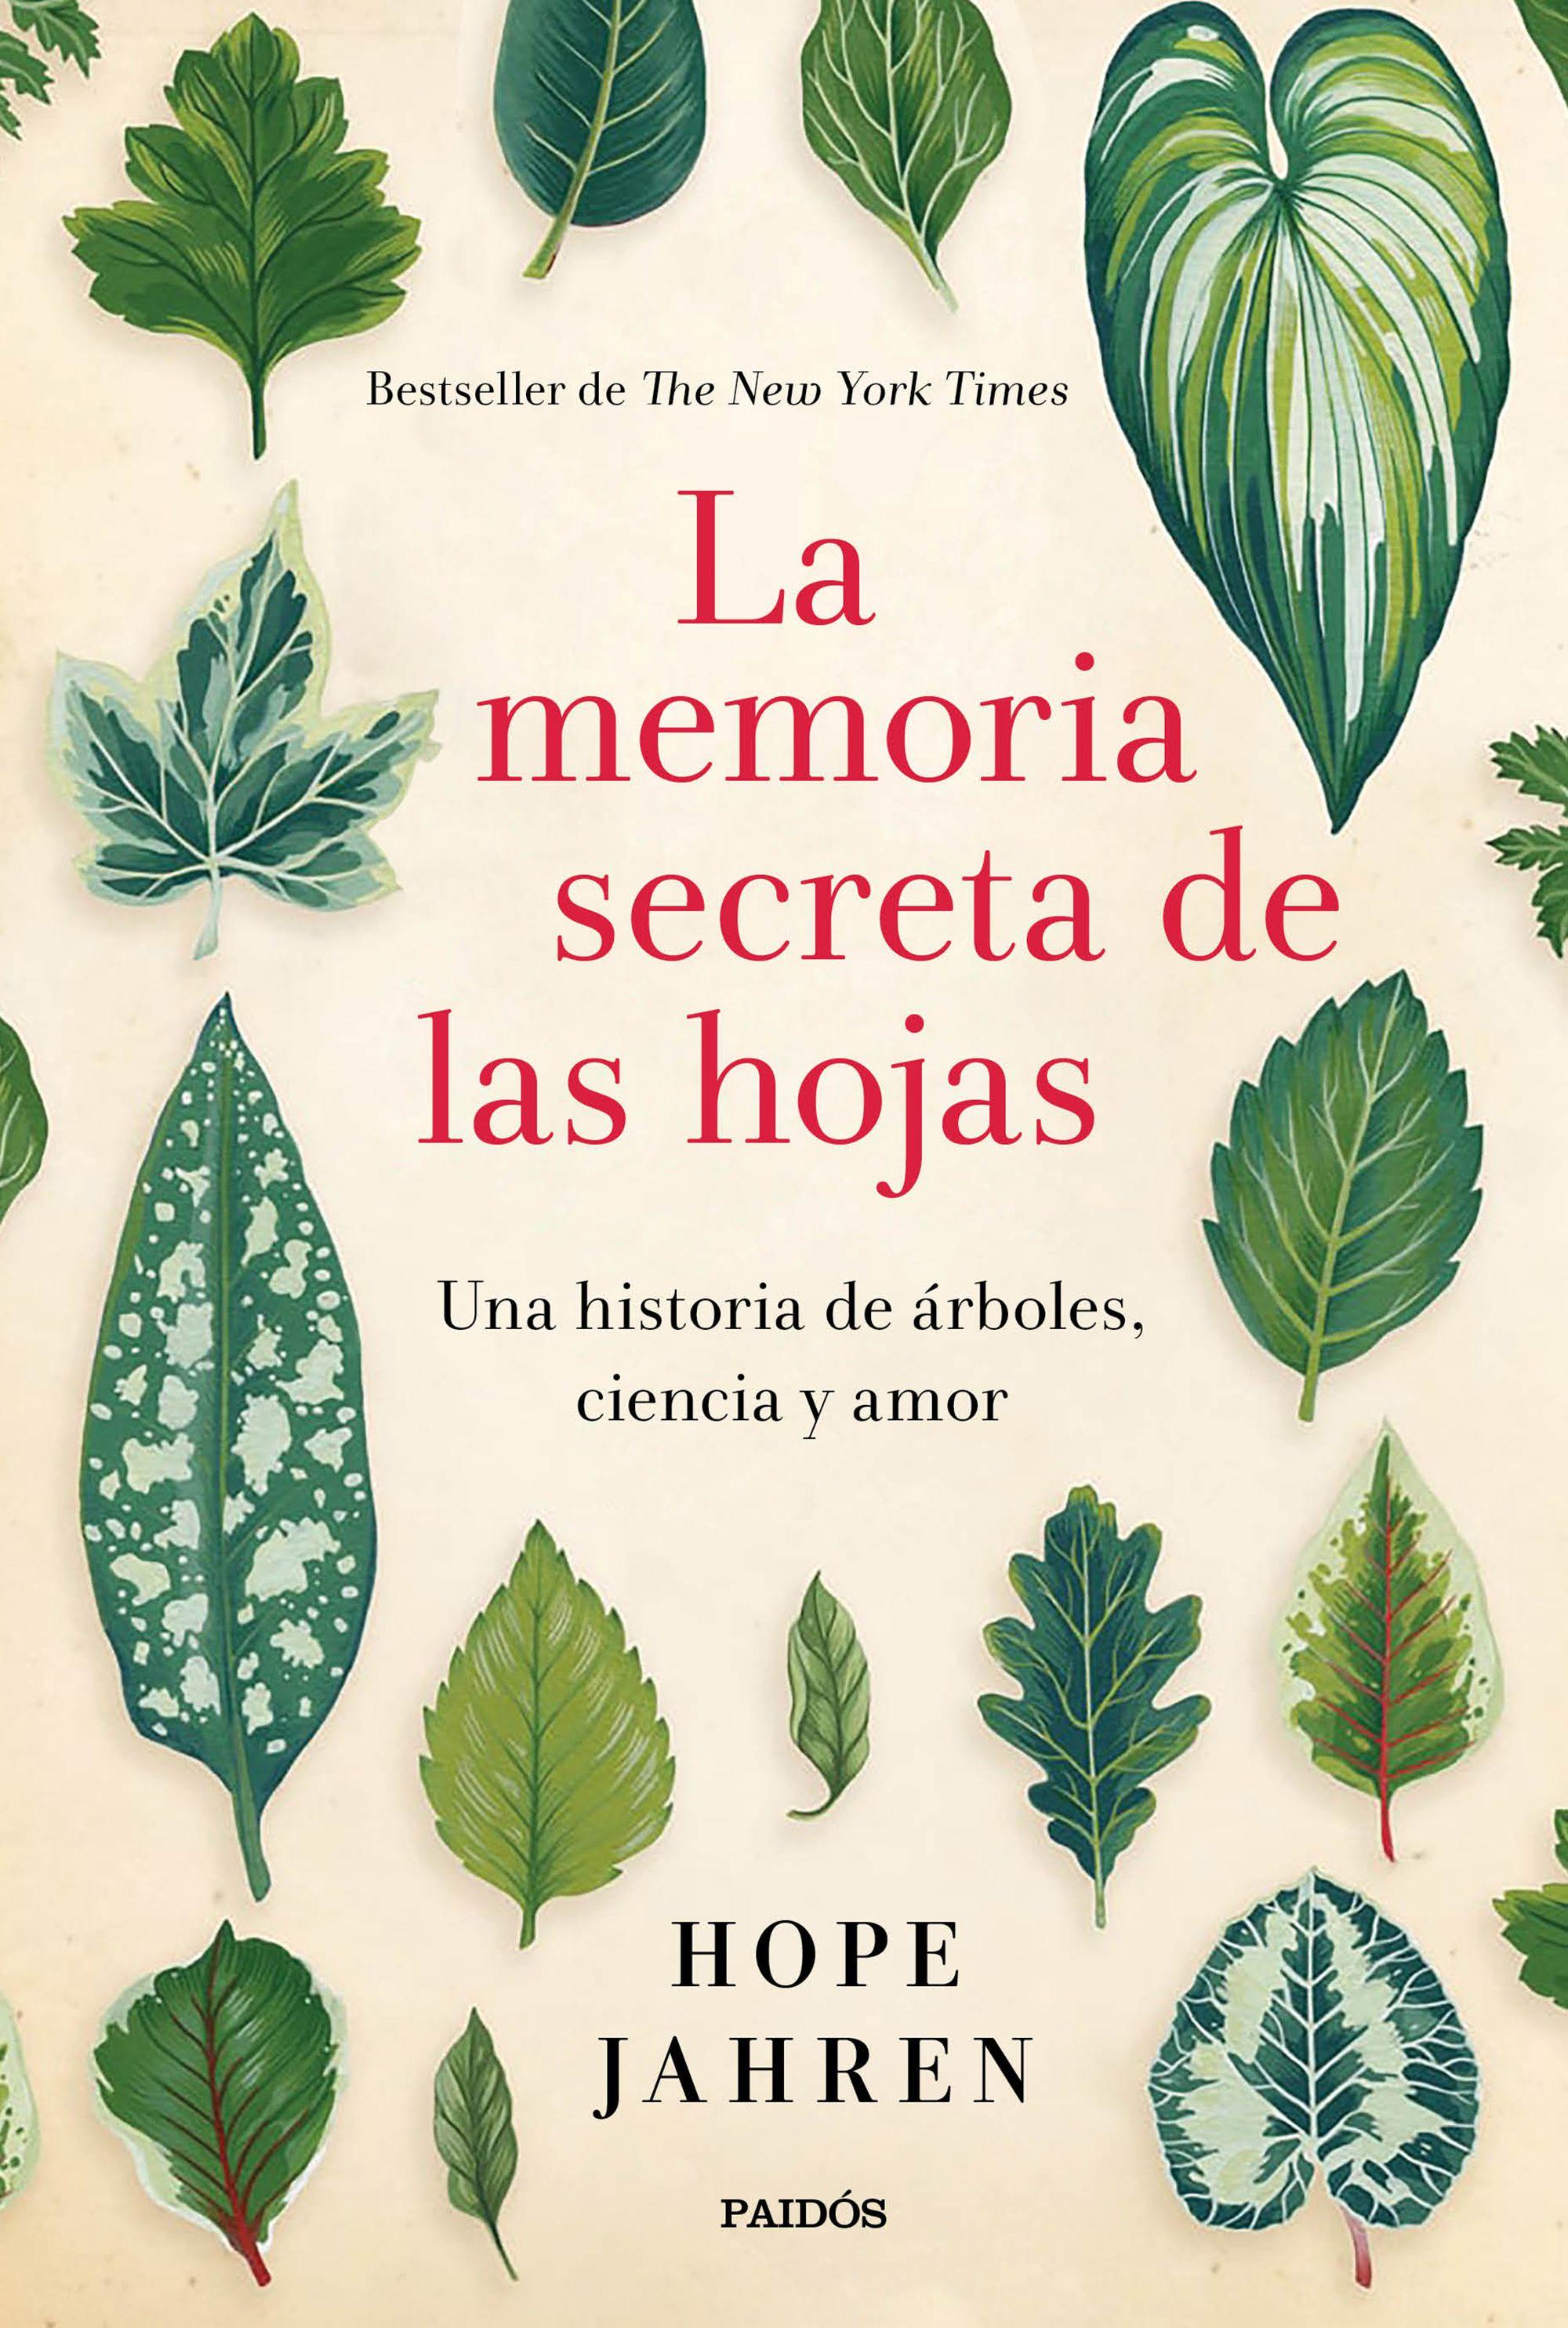 La memoria secreta de las hojas, un buen libro para regalar en Reyes o Navidad